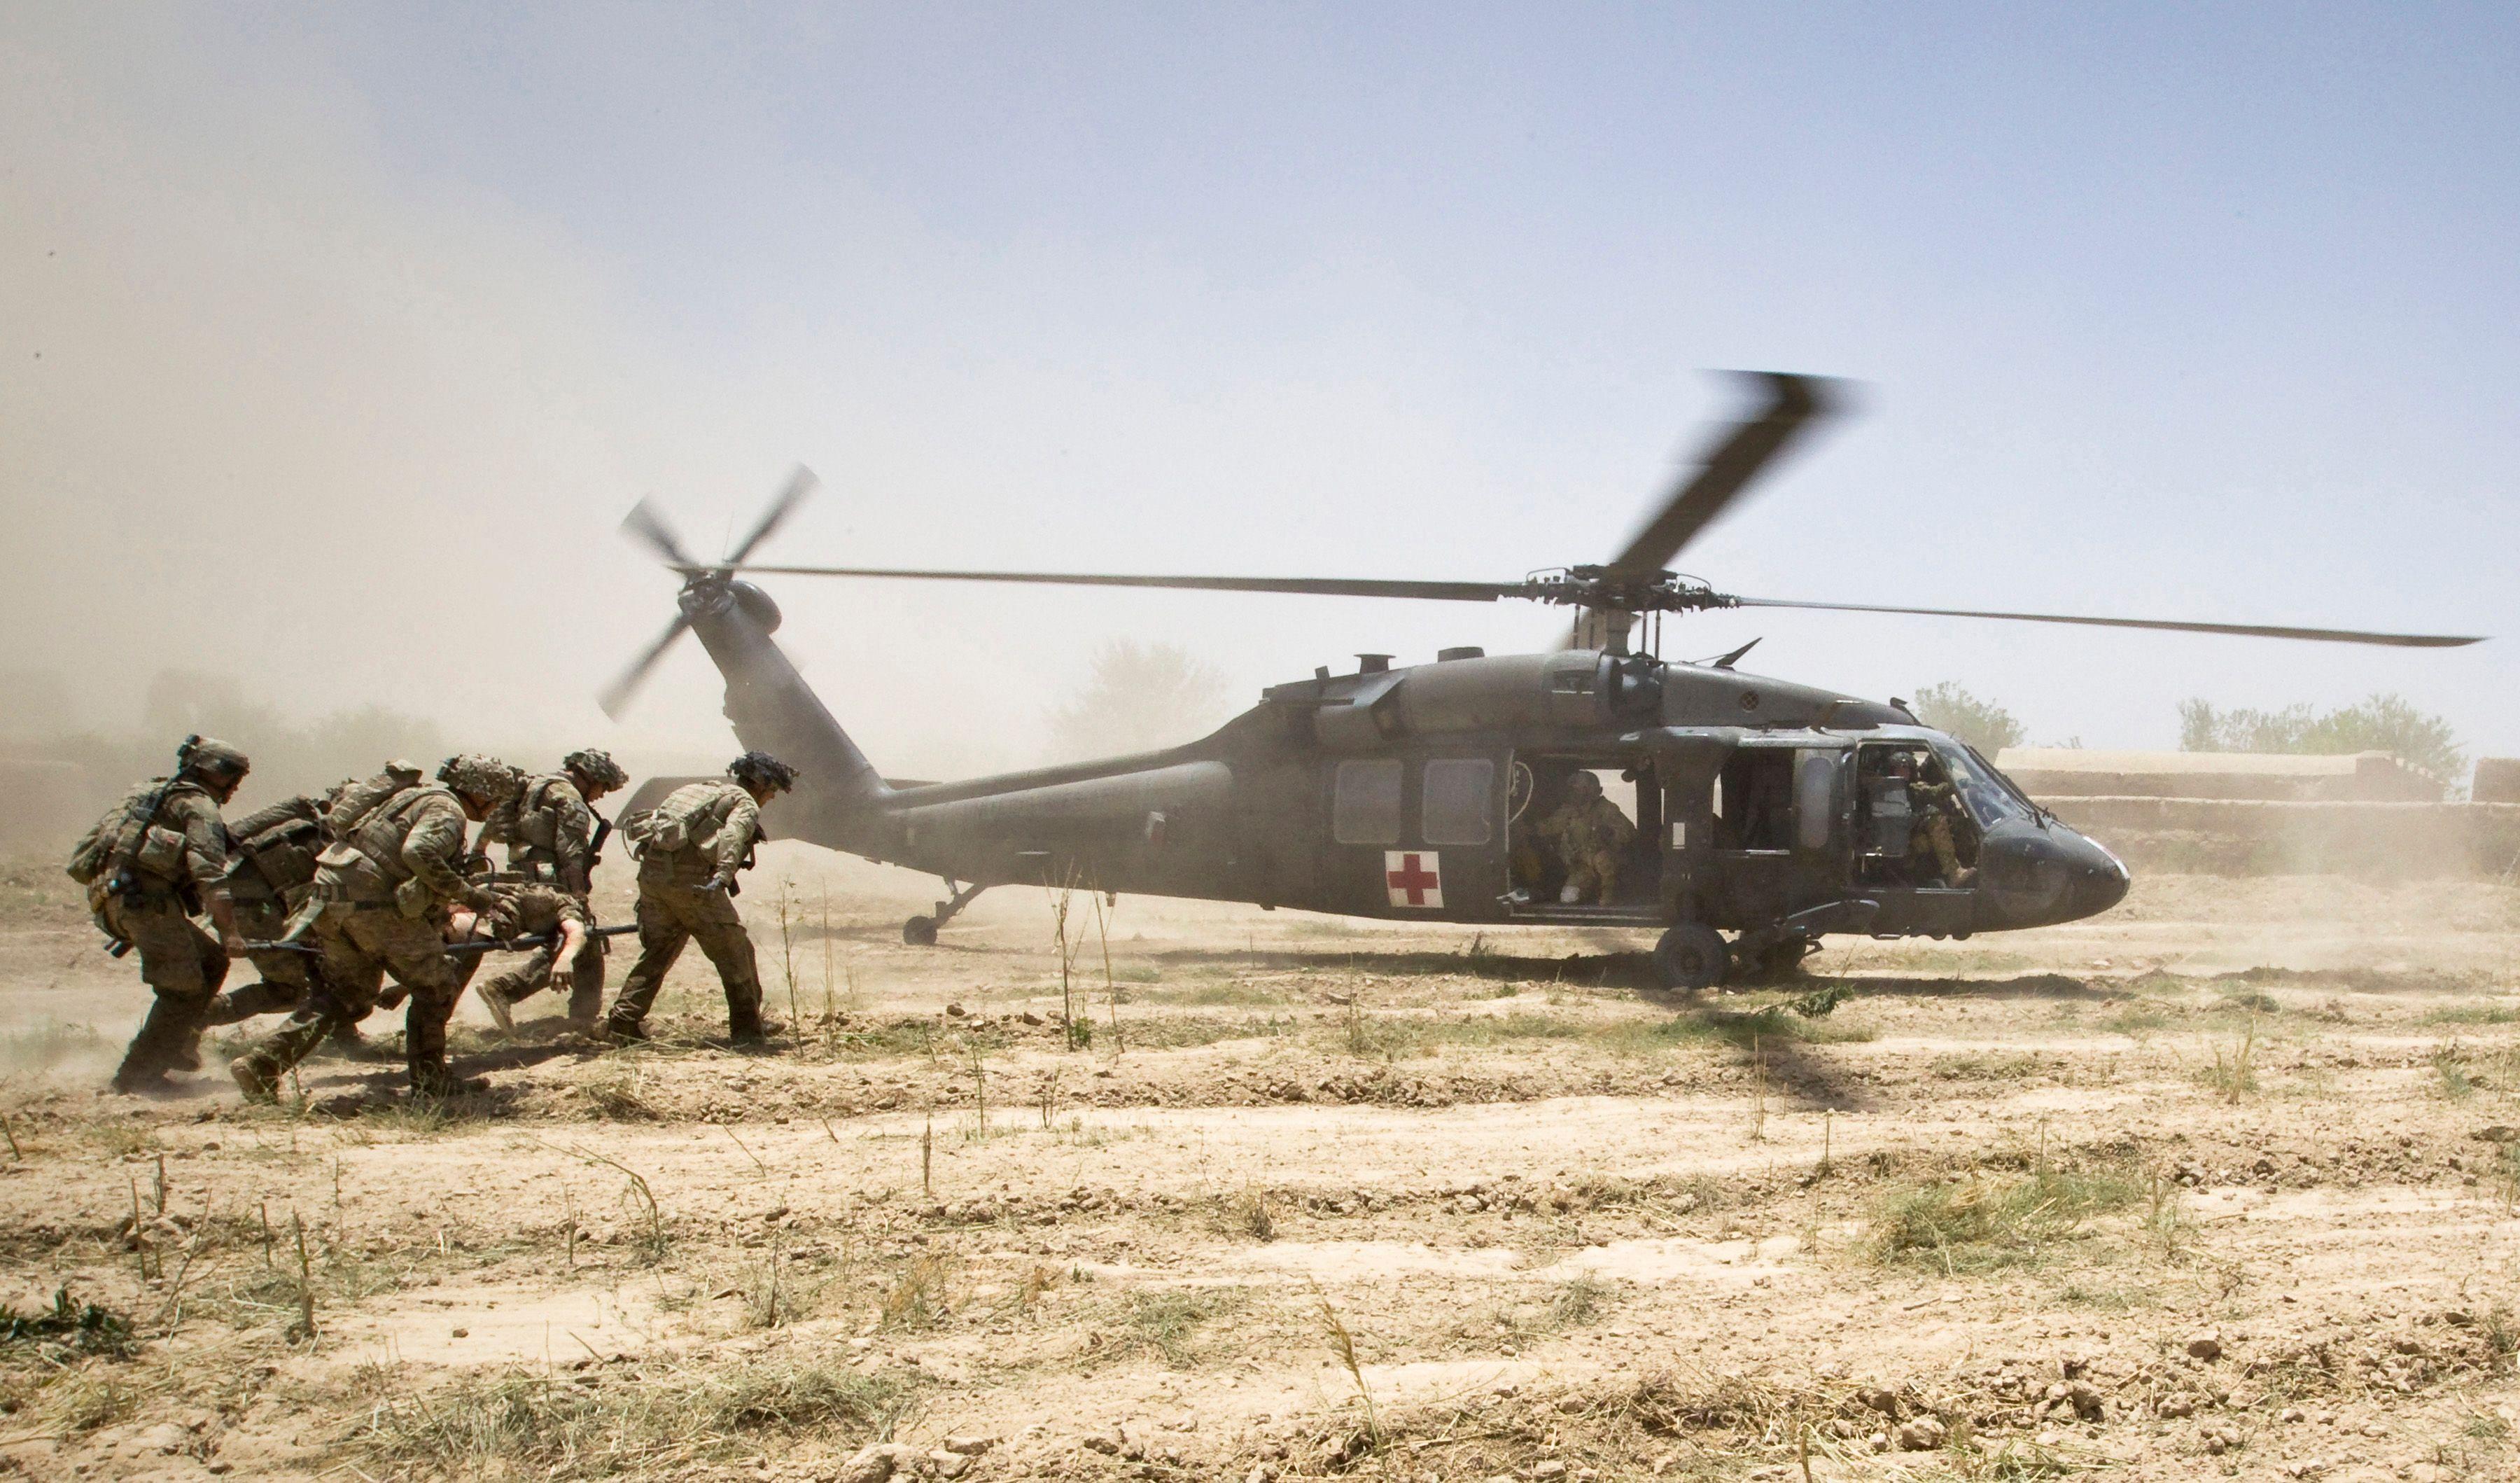 Le budget de l'armée américaine pour 2015 sera plafonné à 496 Milliards de dollars.